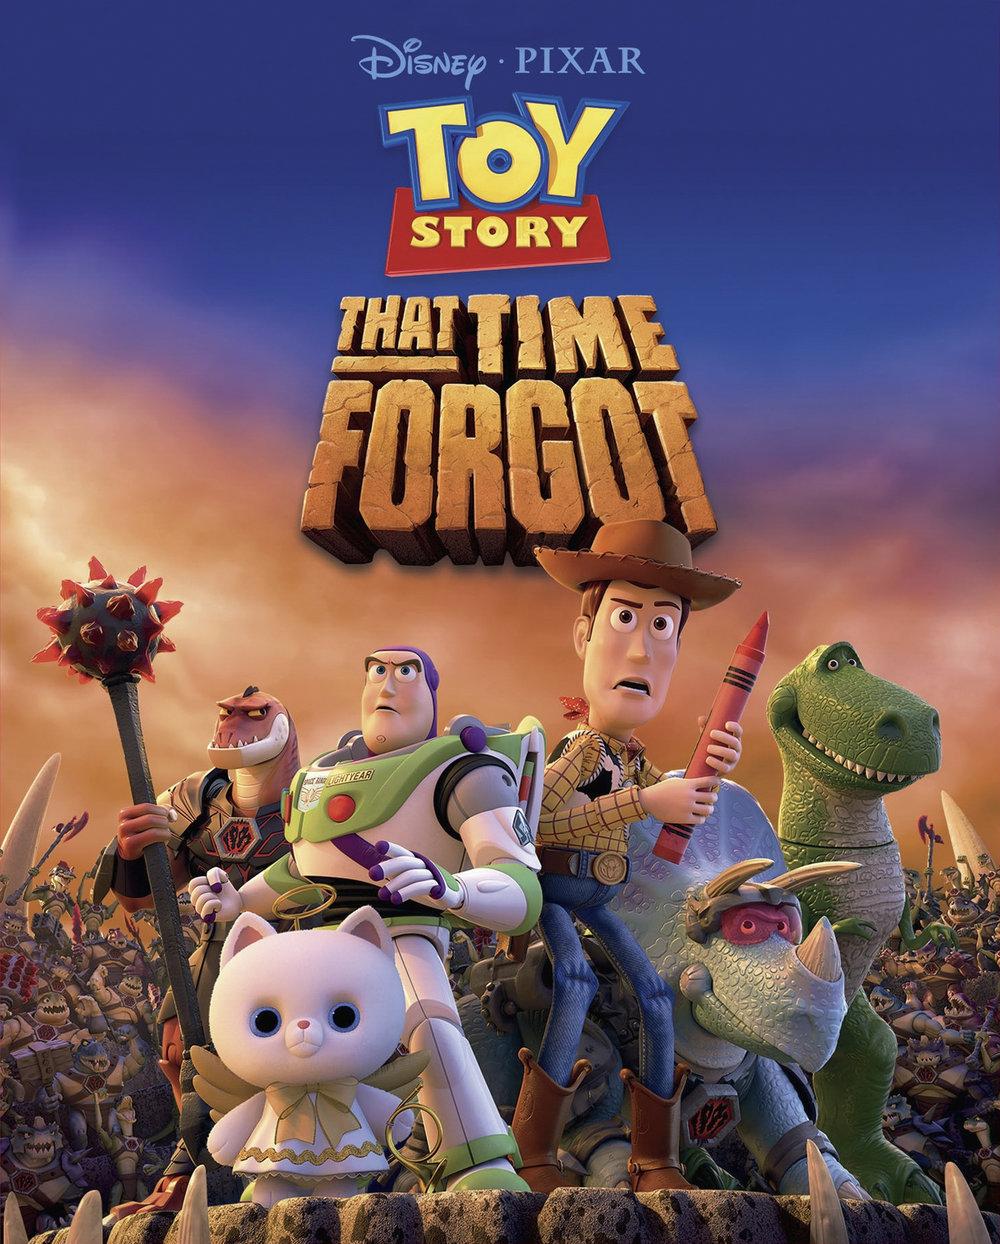 ToyStoryThatTimeForgot.jpg